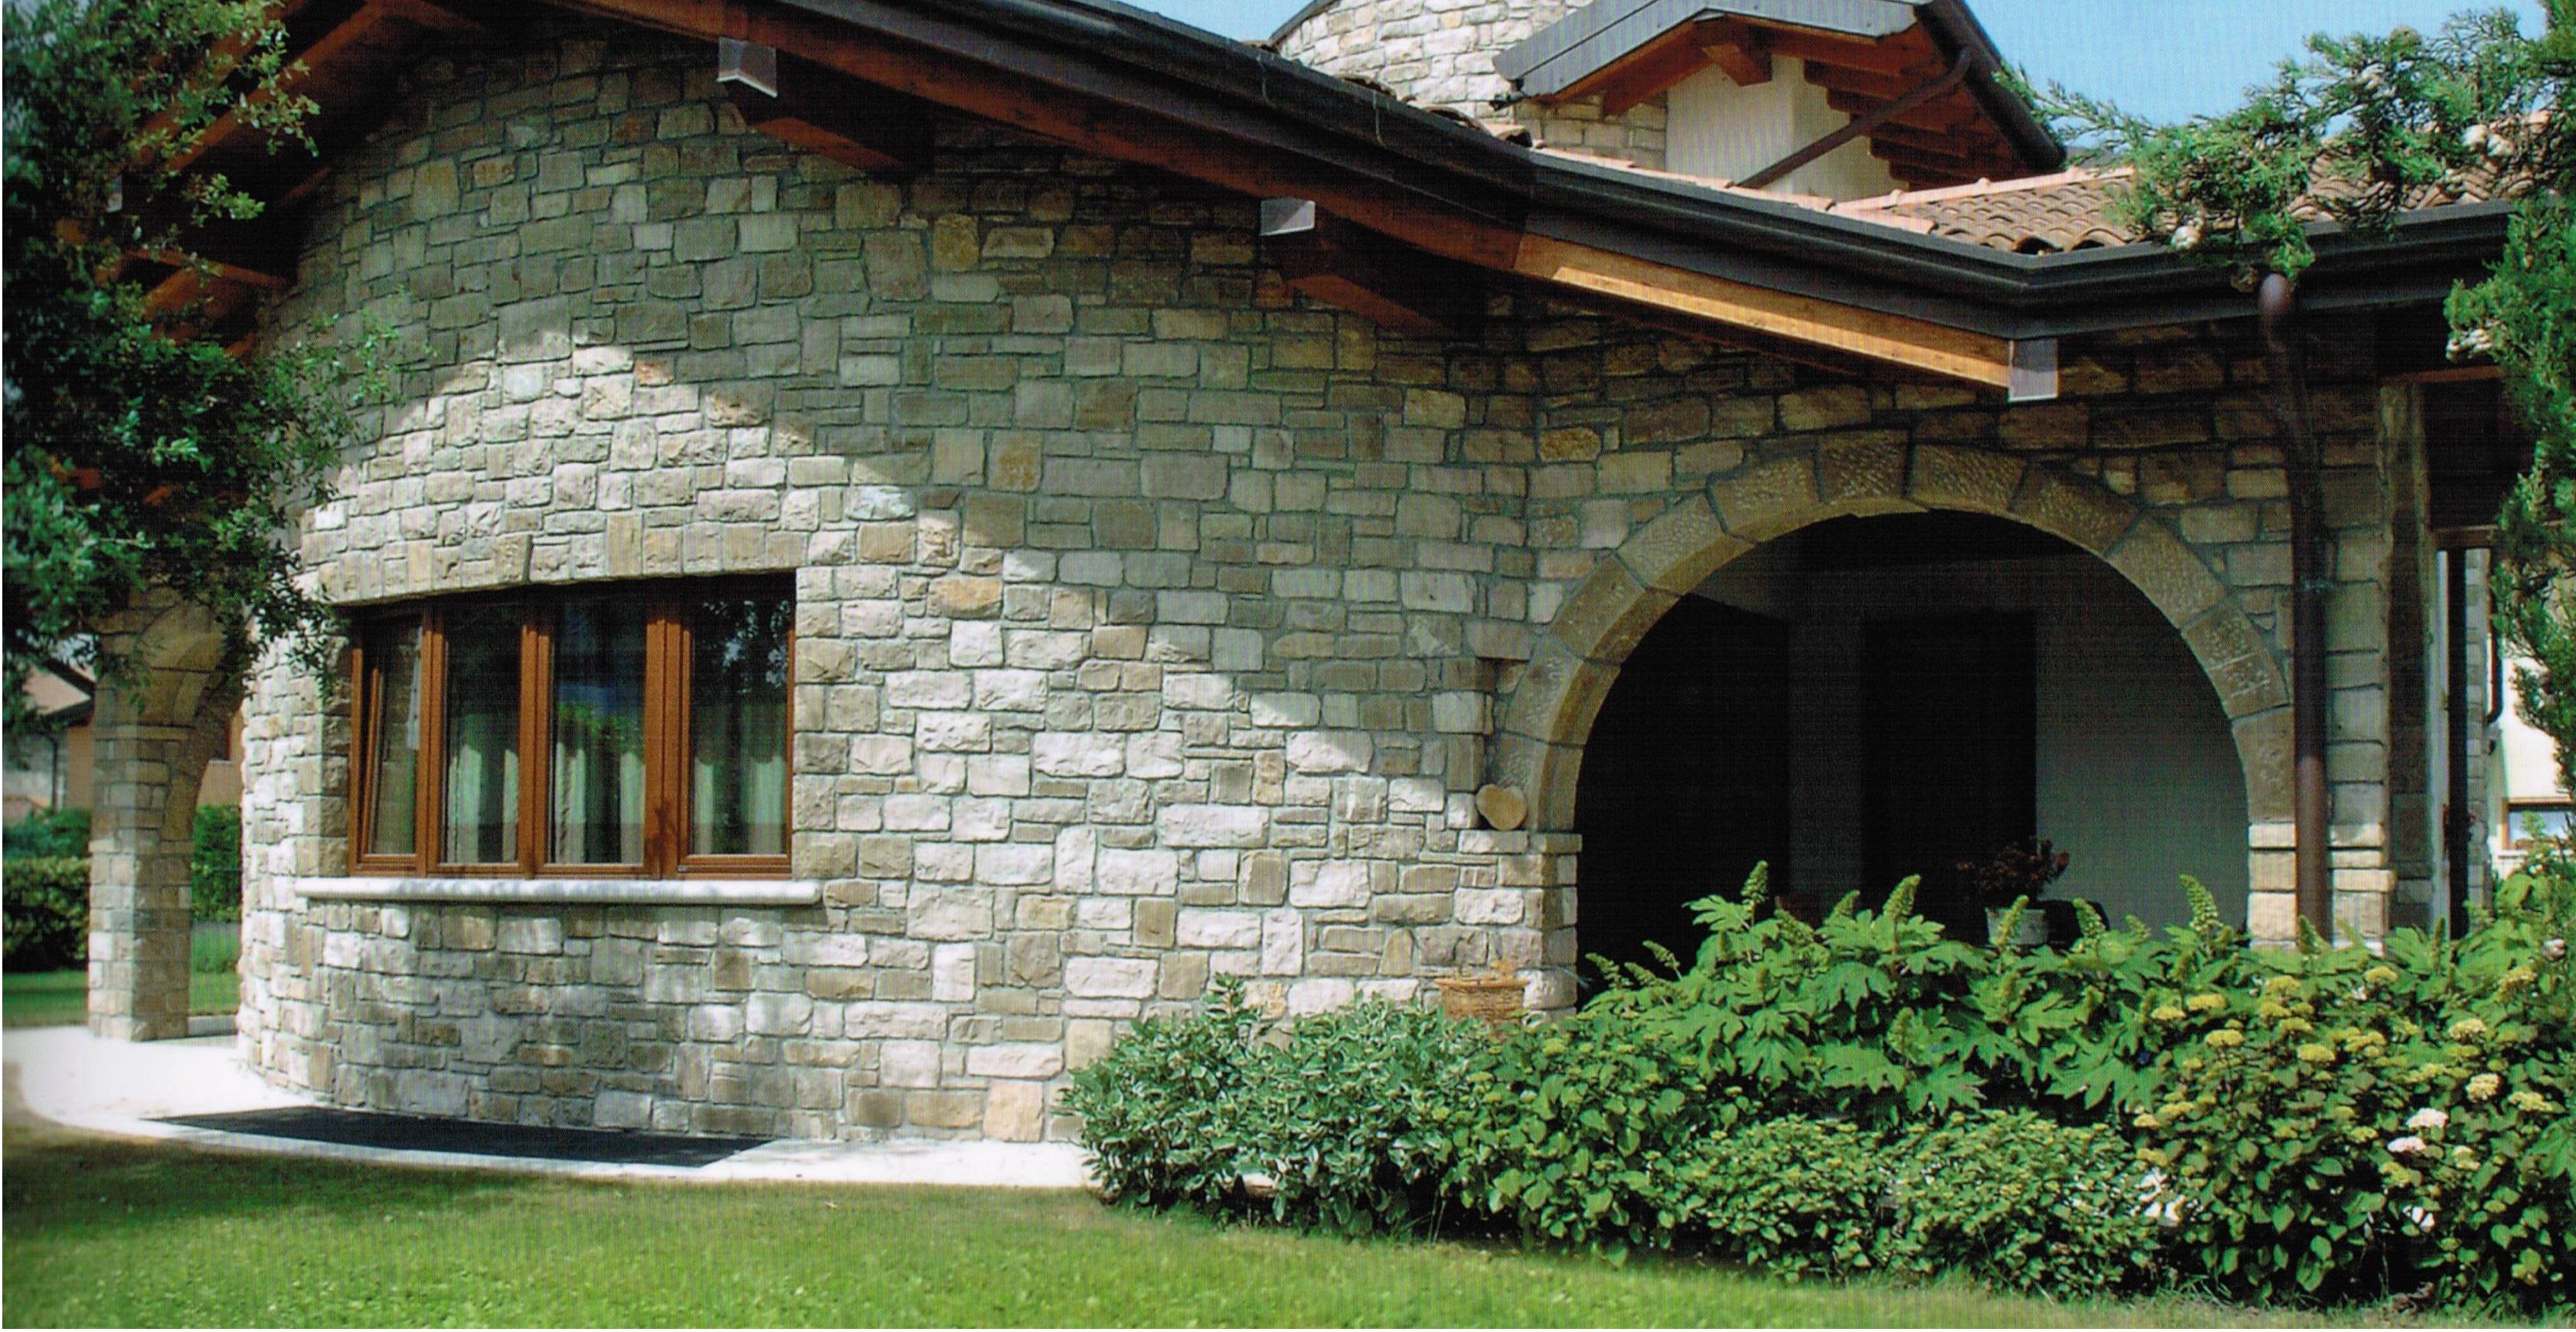 Rivestimenti in pietra umidit di risalita - Mattoncini per rivestimento interno ...